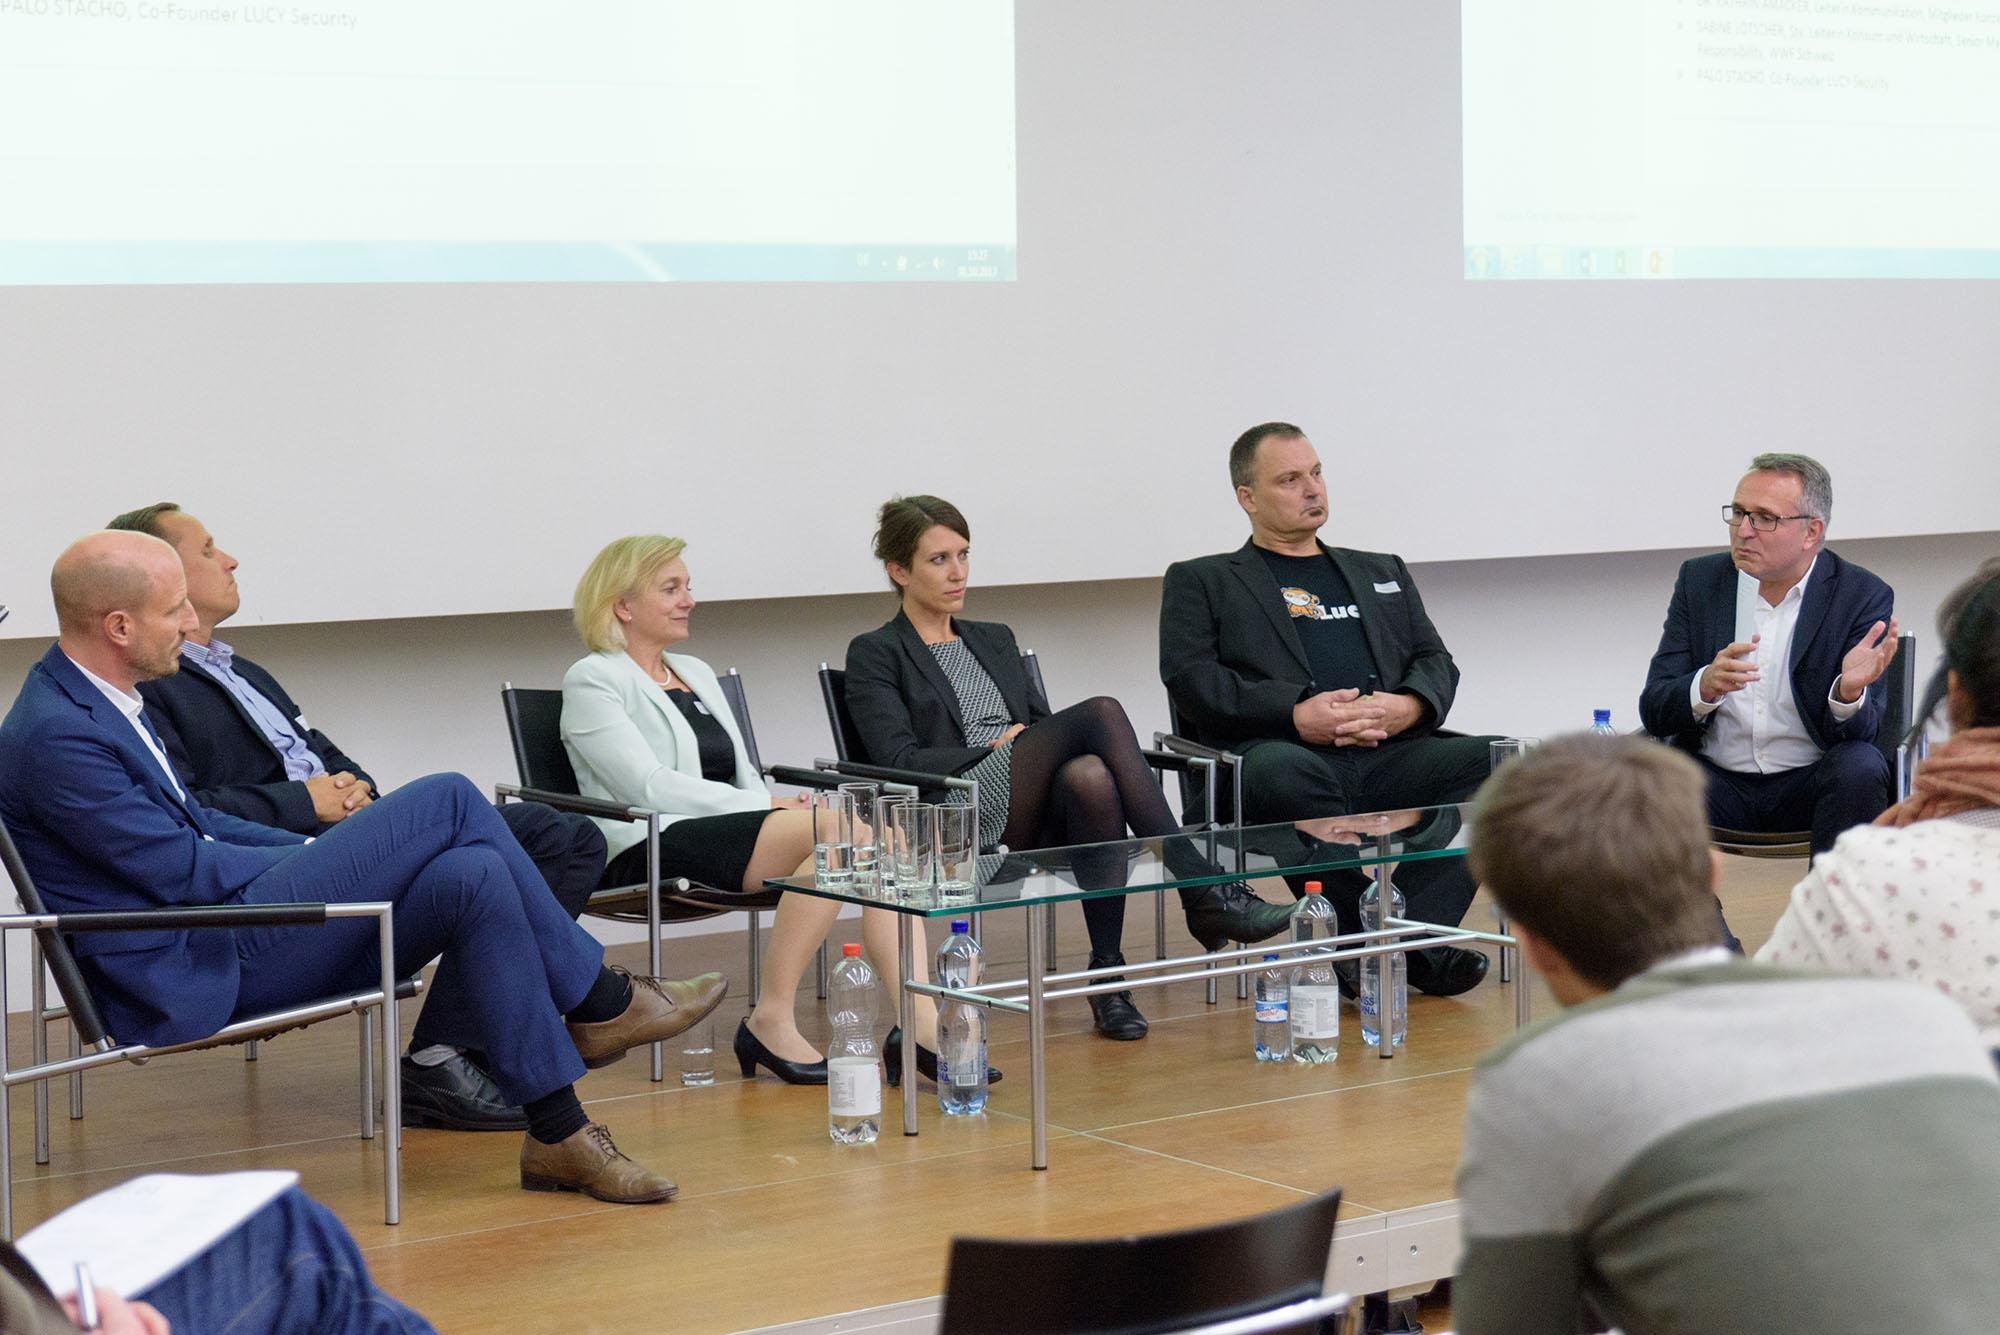 Thomas Ruck, Martin Kathriner, Kathrin Amacker, Sabine Lötscher, Palo Stacho, Dirk Schäfer